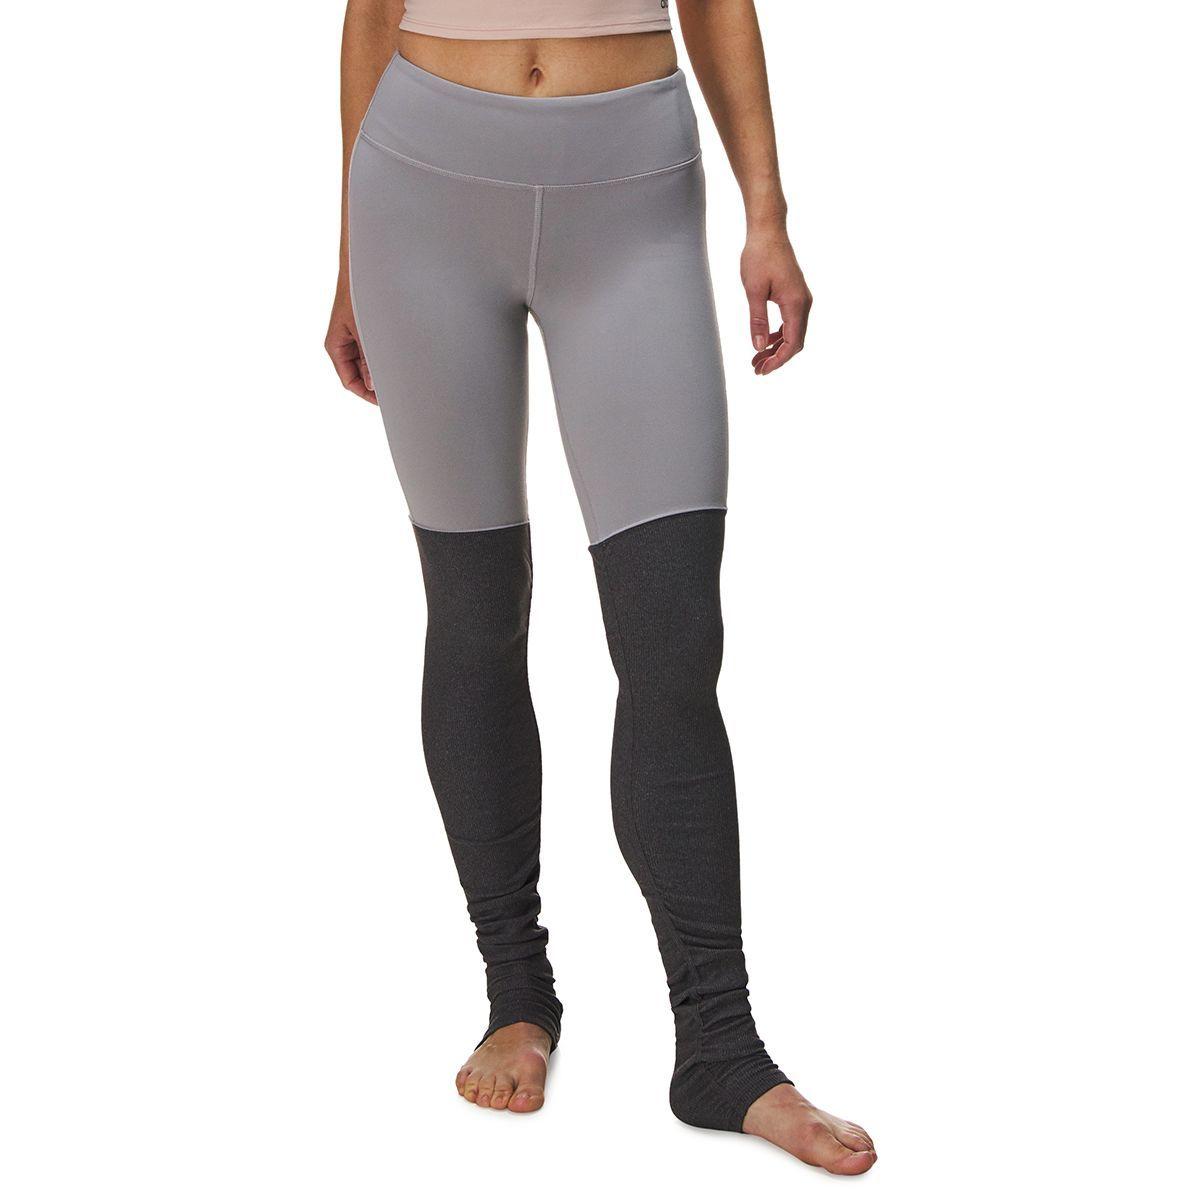 Women's Performance Leggings